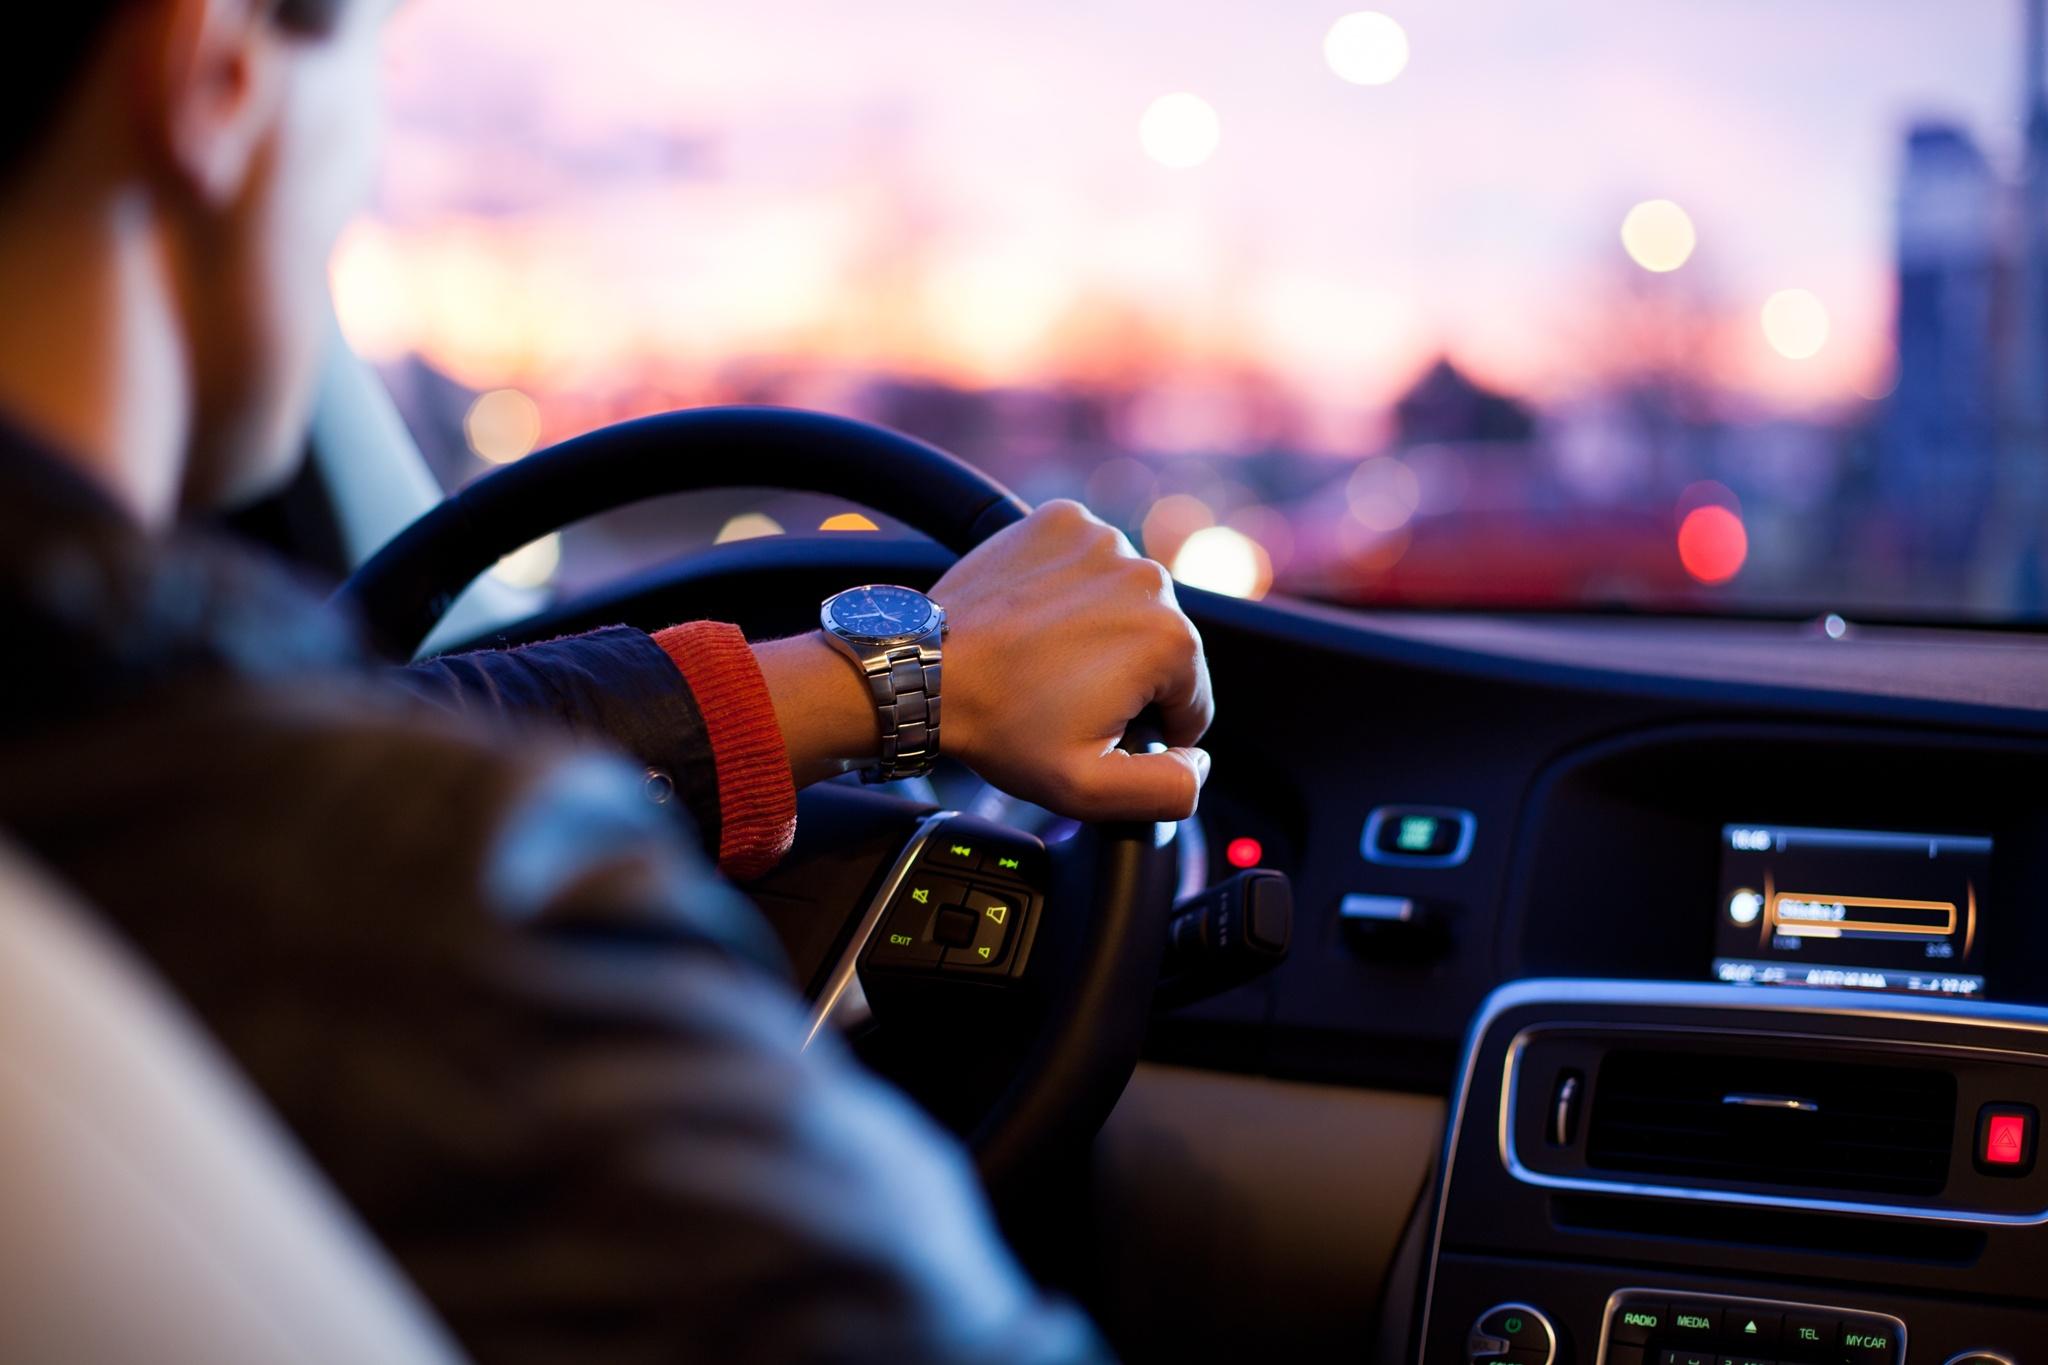 galite vairuoti automobilį su hipertenzija menovazinas ir hipertenzija